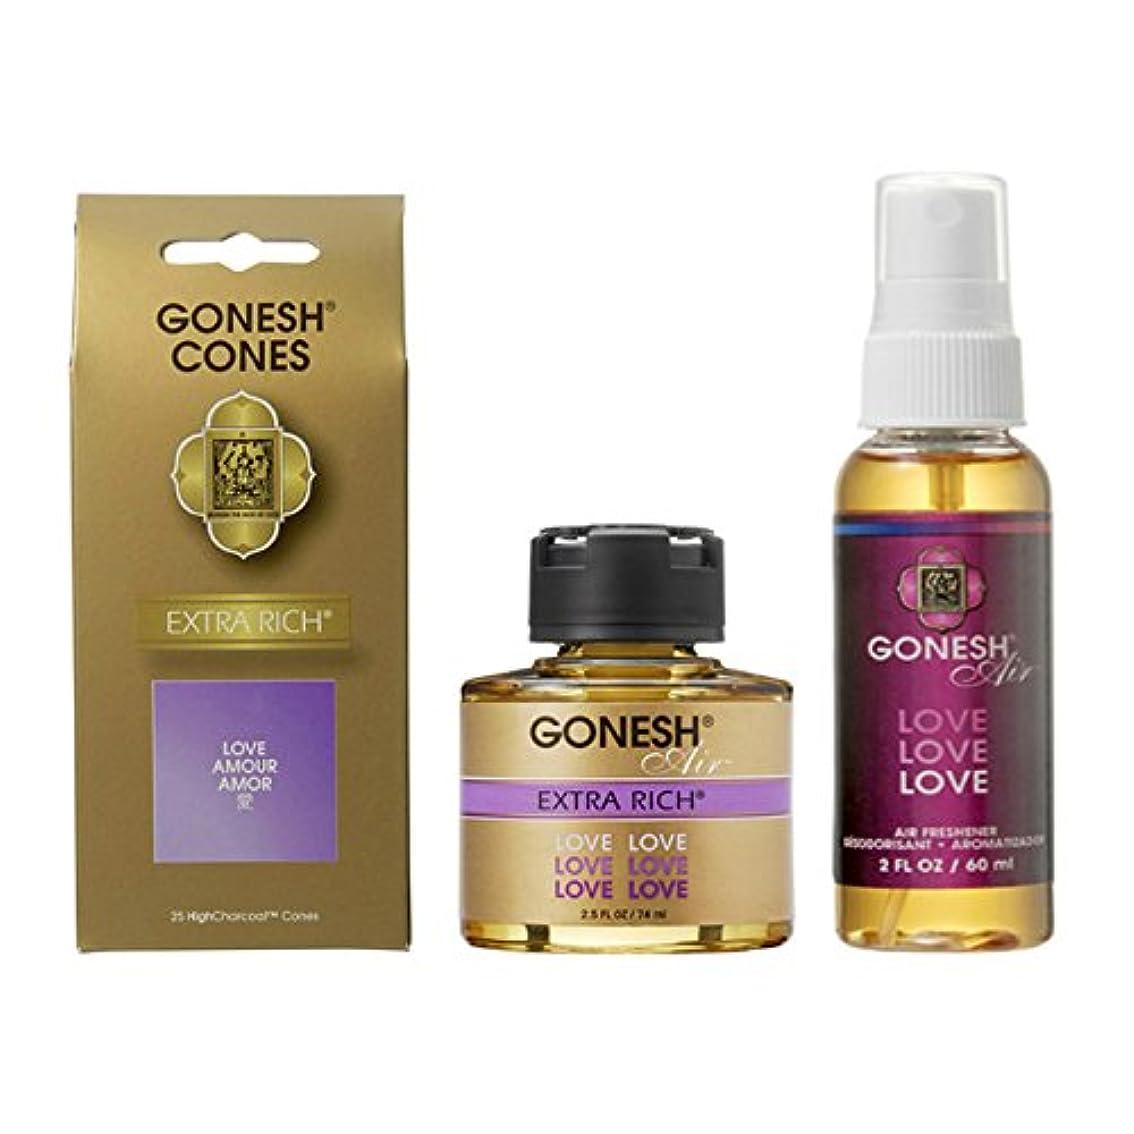 GONESH LOVE 3点セット(お香コーン?リキッドエアフレッシュナー?スプレーエアフレッシュナー)